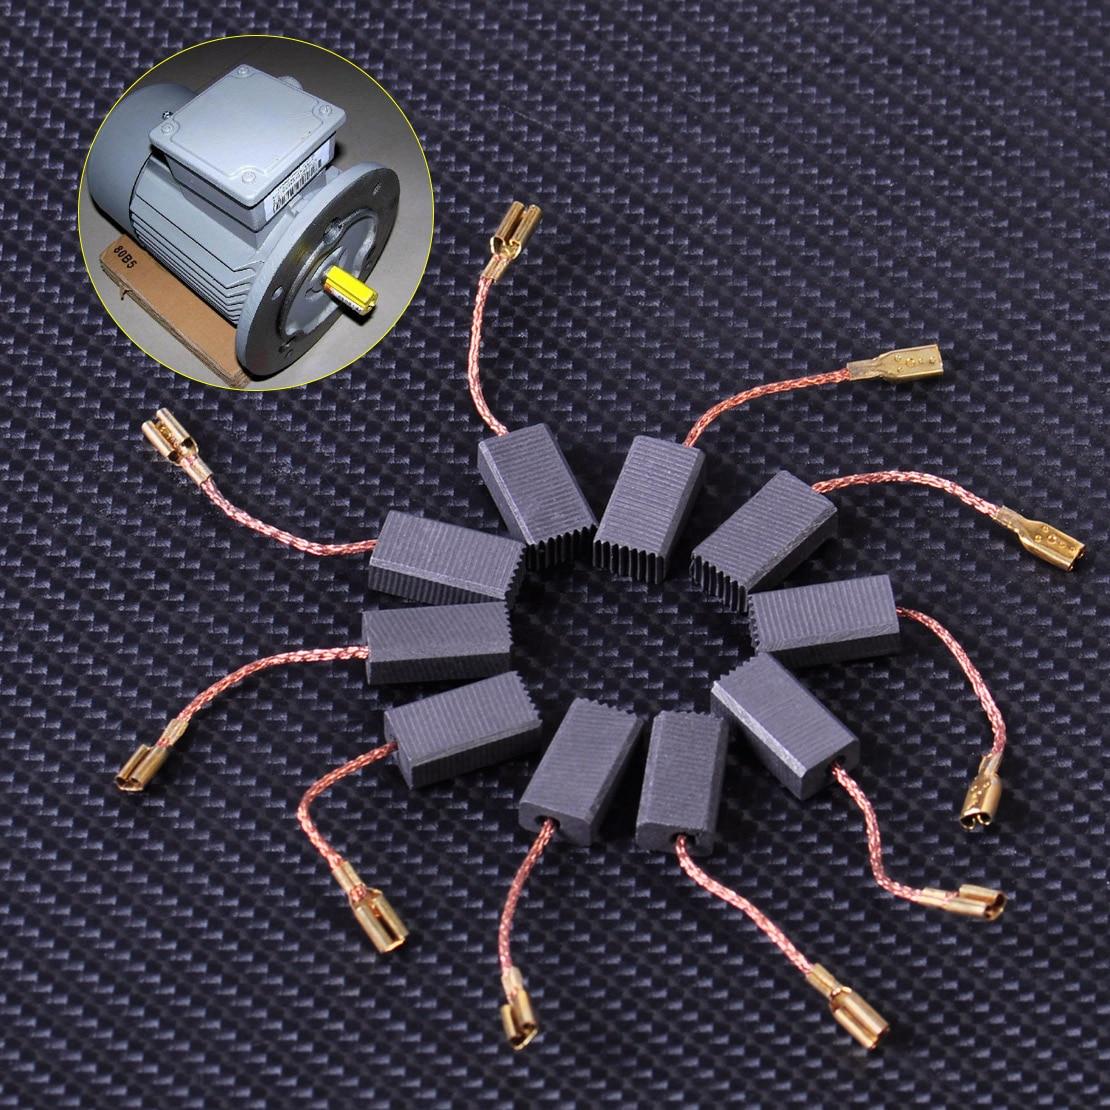 LETAOSK New 10pcs Carbon Brushes Replacement Fit For BOSCH GWS 580 GWS 850 C GWS 7-115 GWS 8-125 GWS 9-150CS GWS6-100 D11